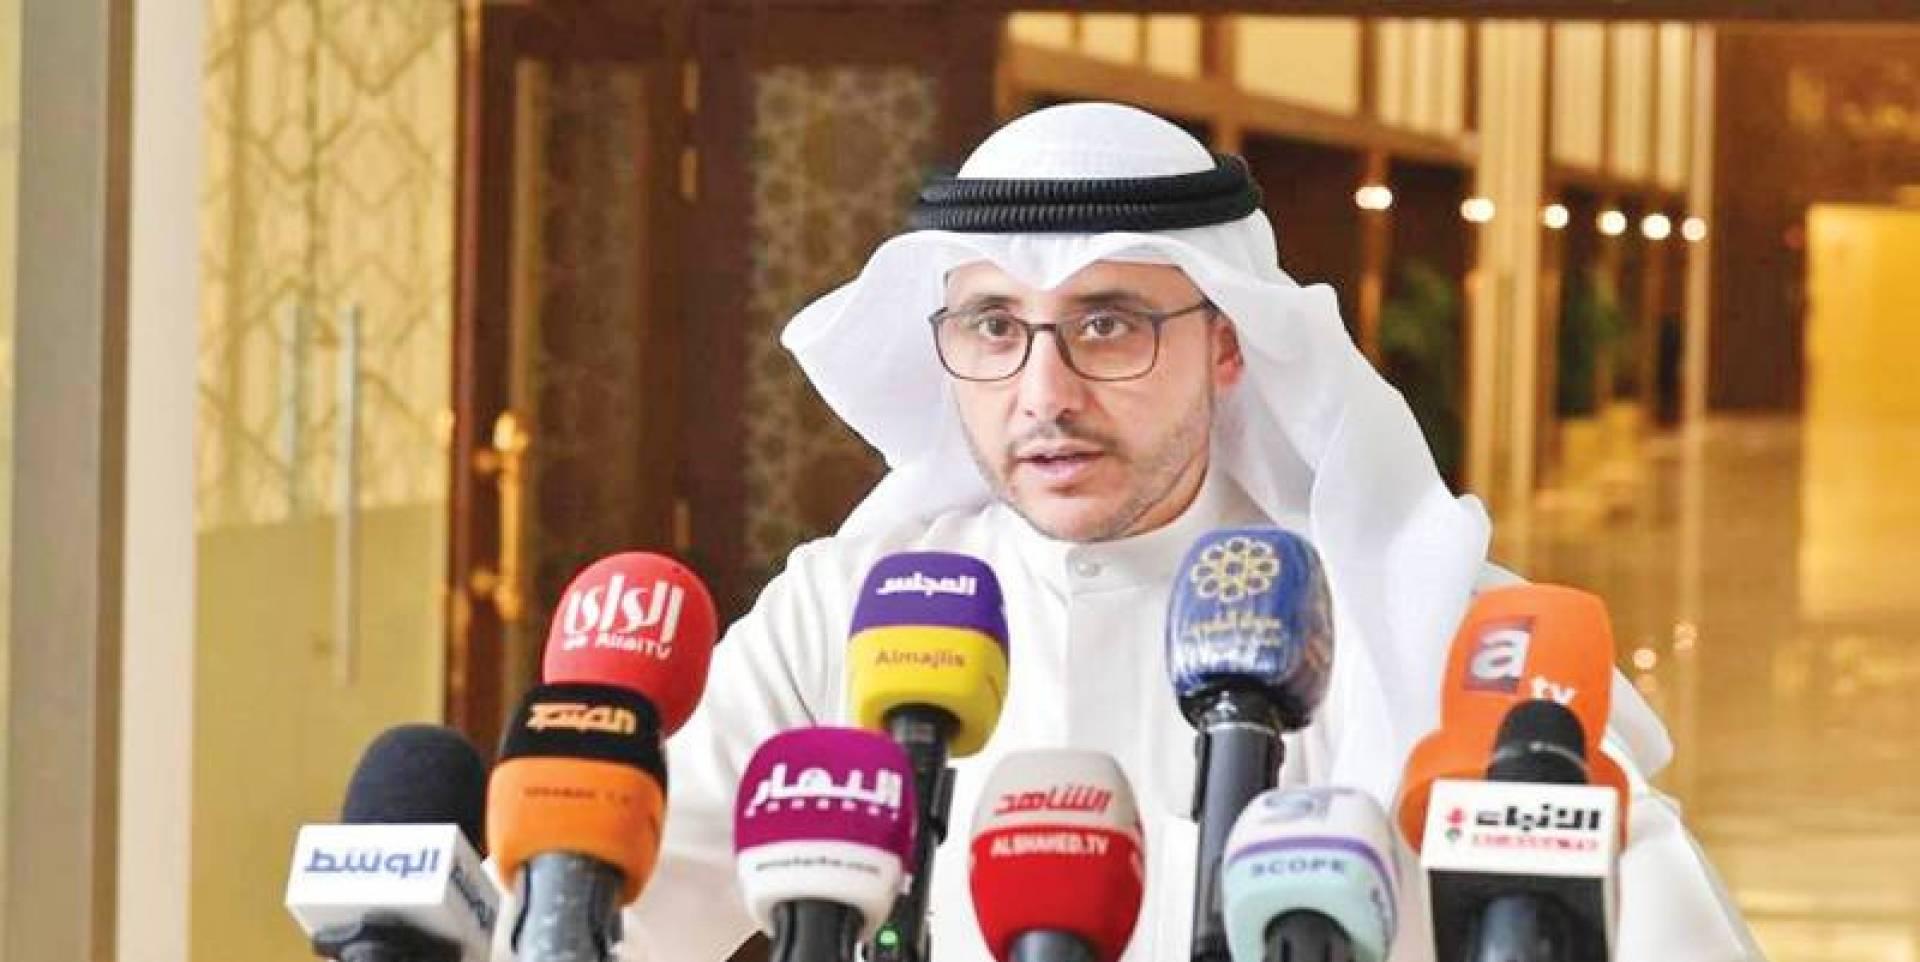 3 2 373499 highres - وزير الخارجية: الكويت لم تتلق طلبات عبور للطيران الإسرائيلي